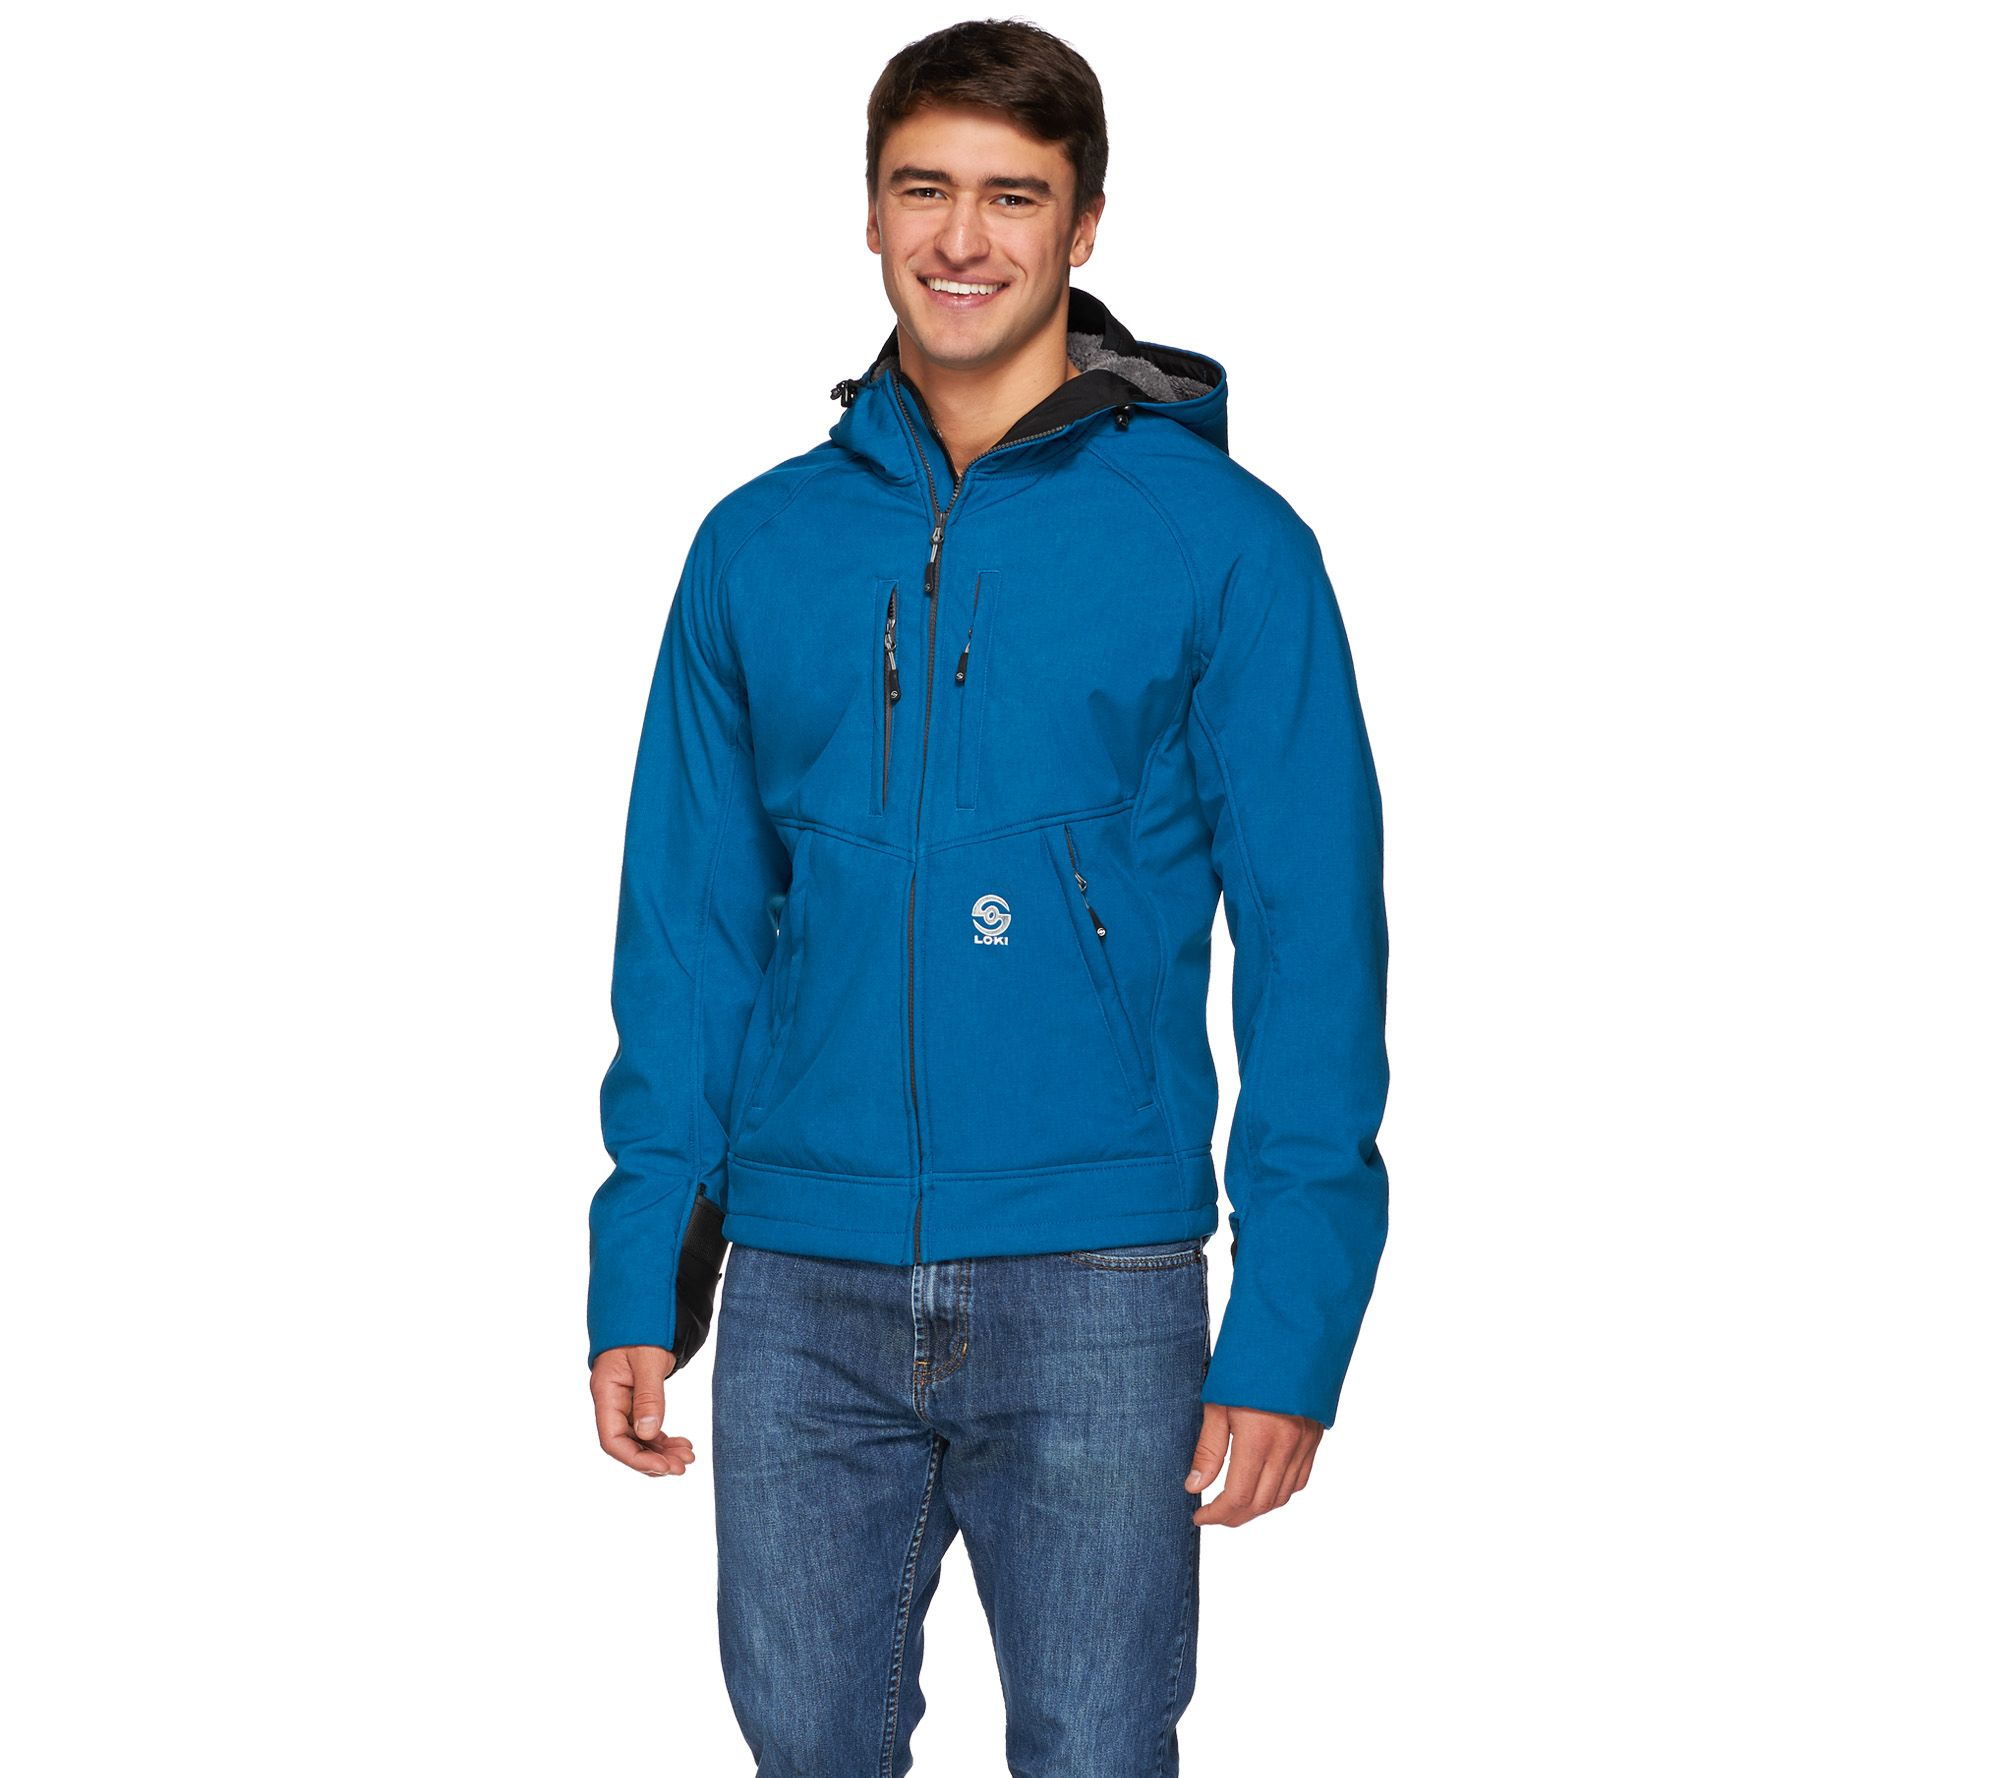 Mens Bedroom Wear Mens Clothing Fashion Qvccom